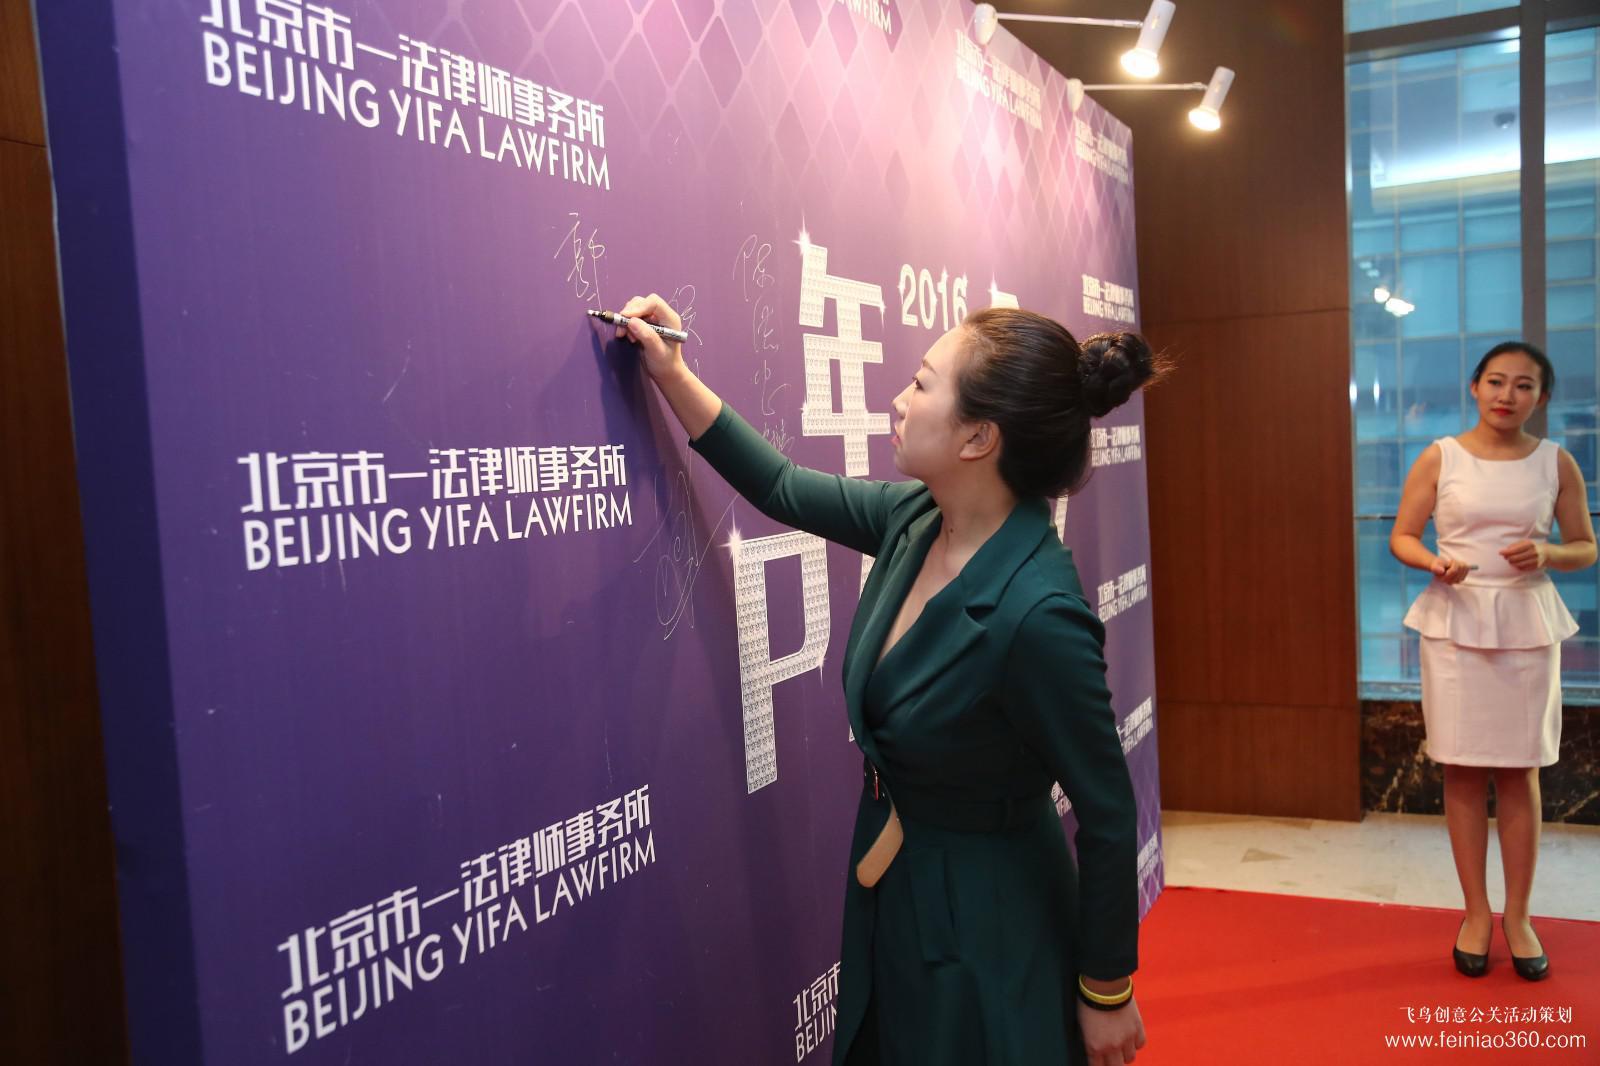 北京市一法律师事务所年会